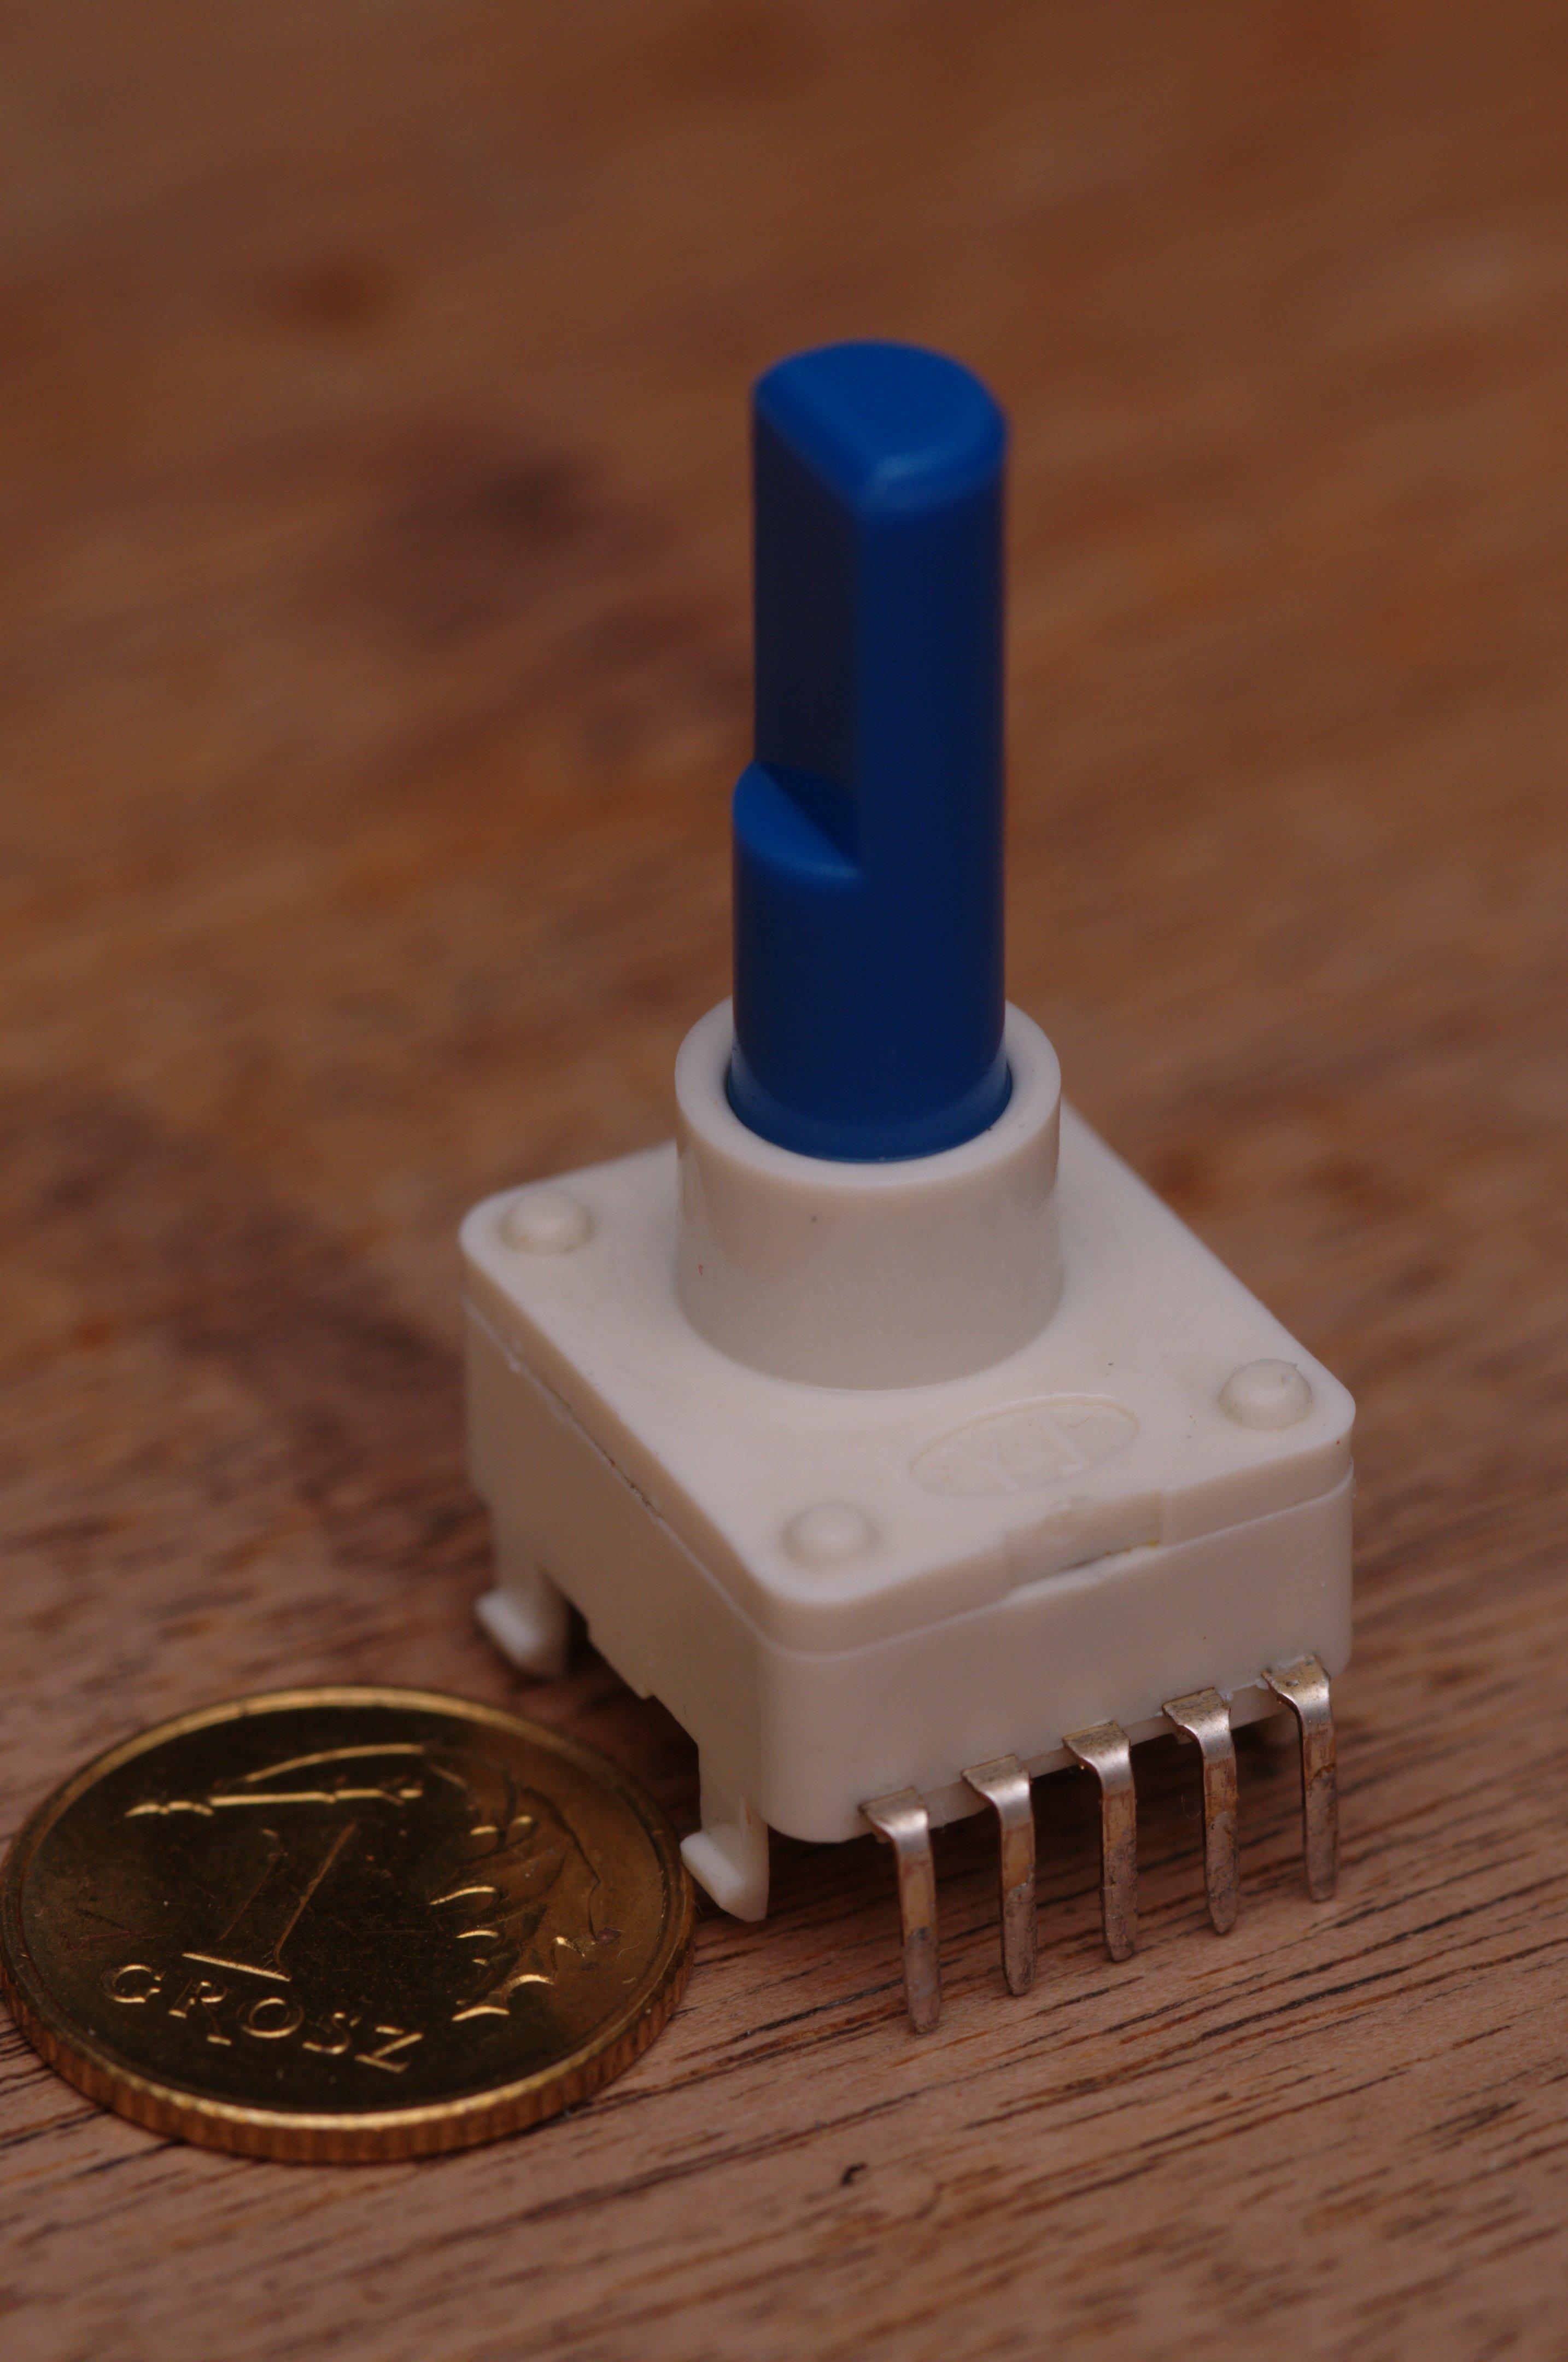 Mikrofal�wka Panasonic NN-J155 nie dzia�a wyb�r trybu pracy